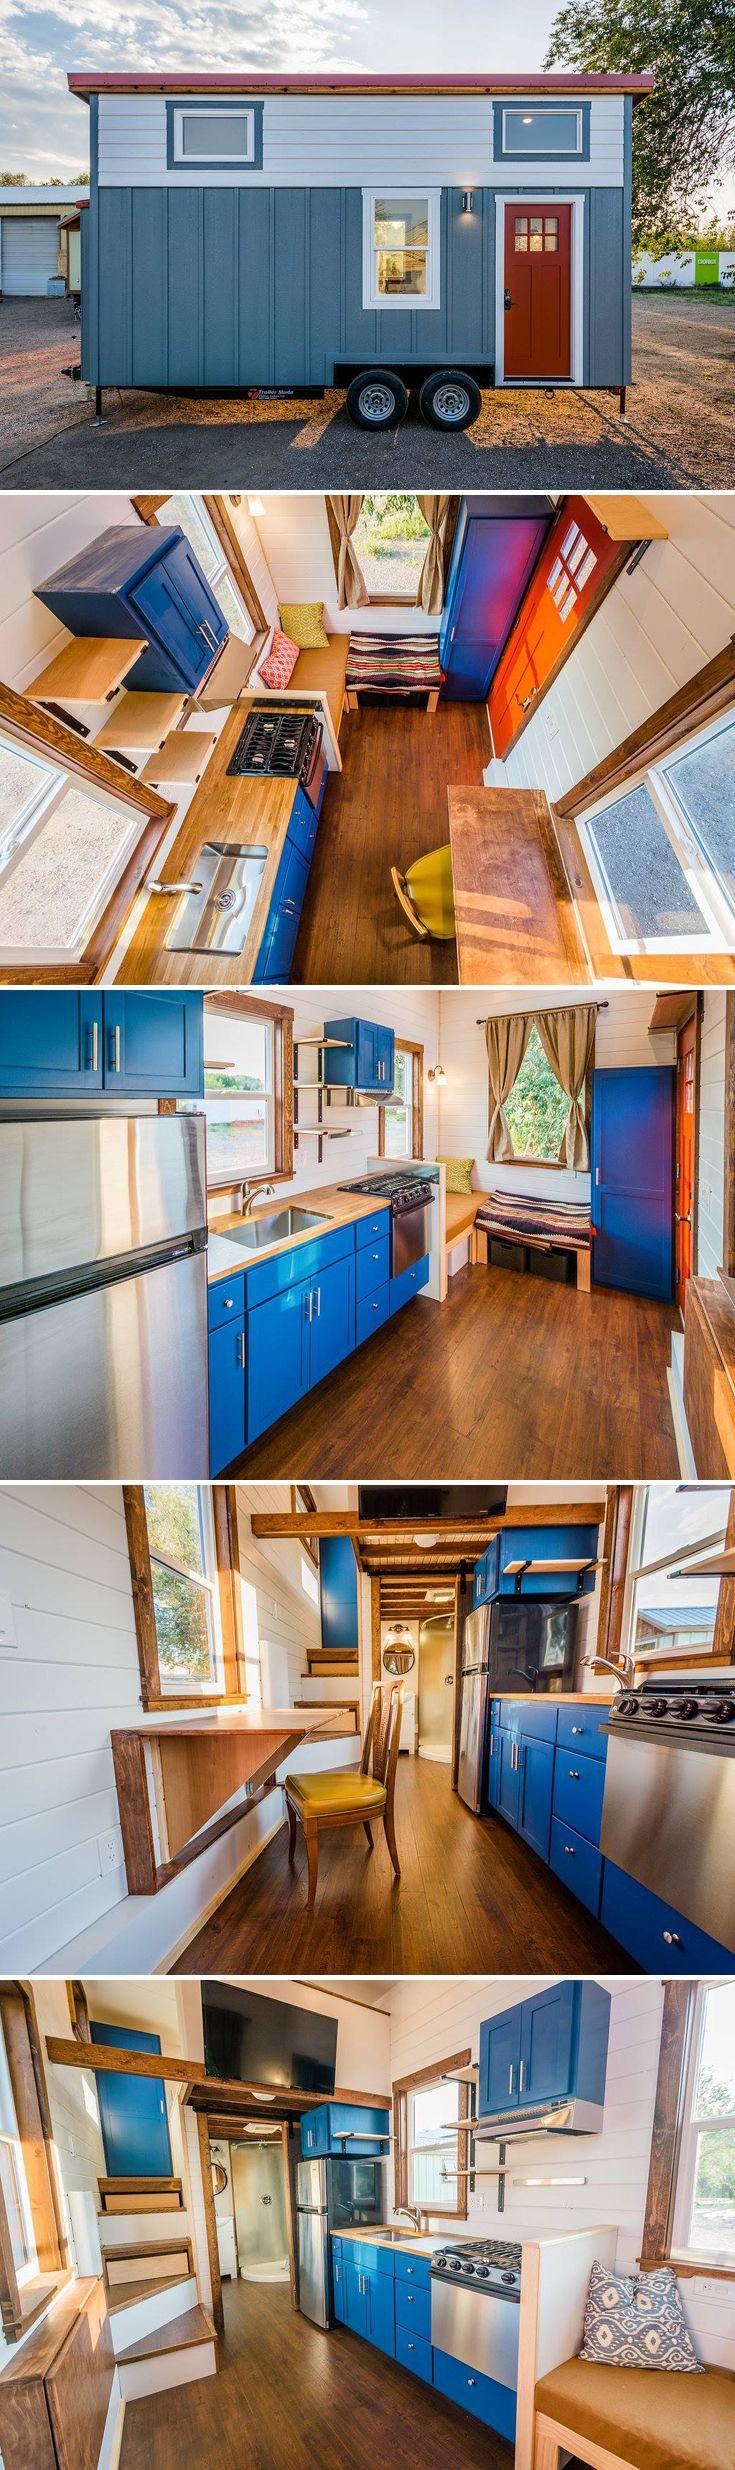 Julia\'s Tiny House by Mitchcraft Tiny Homes | Tiny houses, Wheels ...